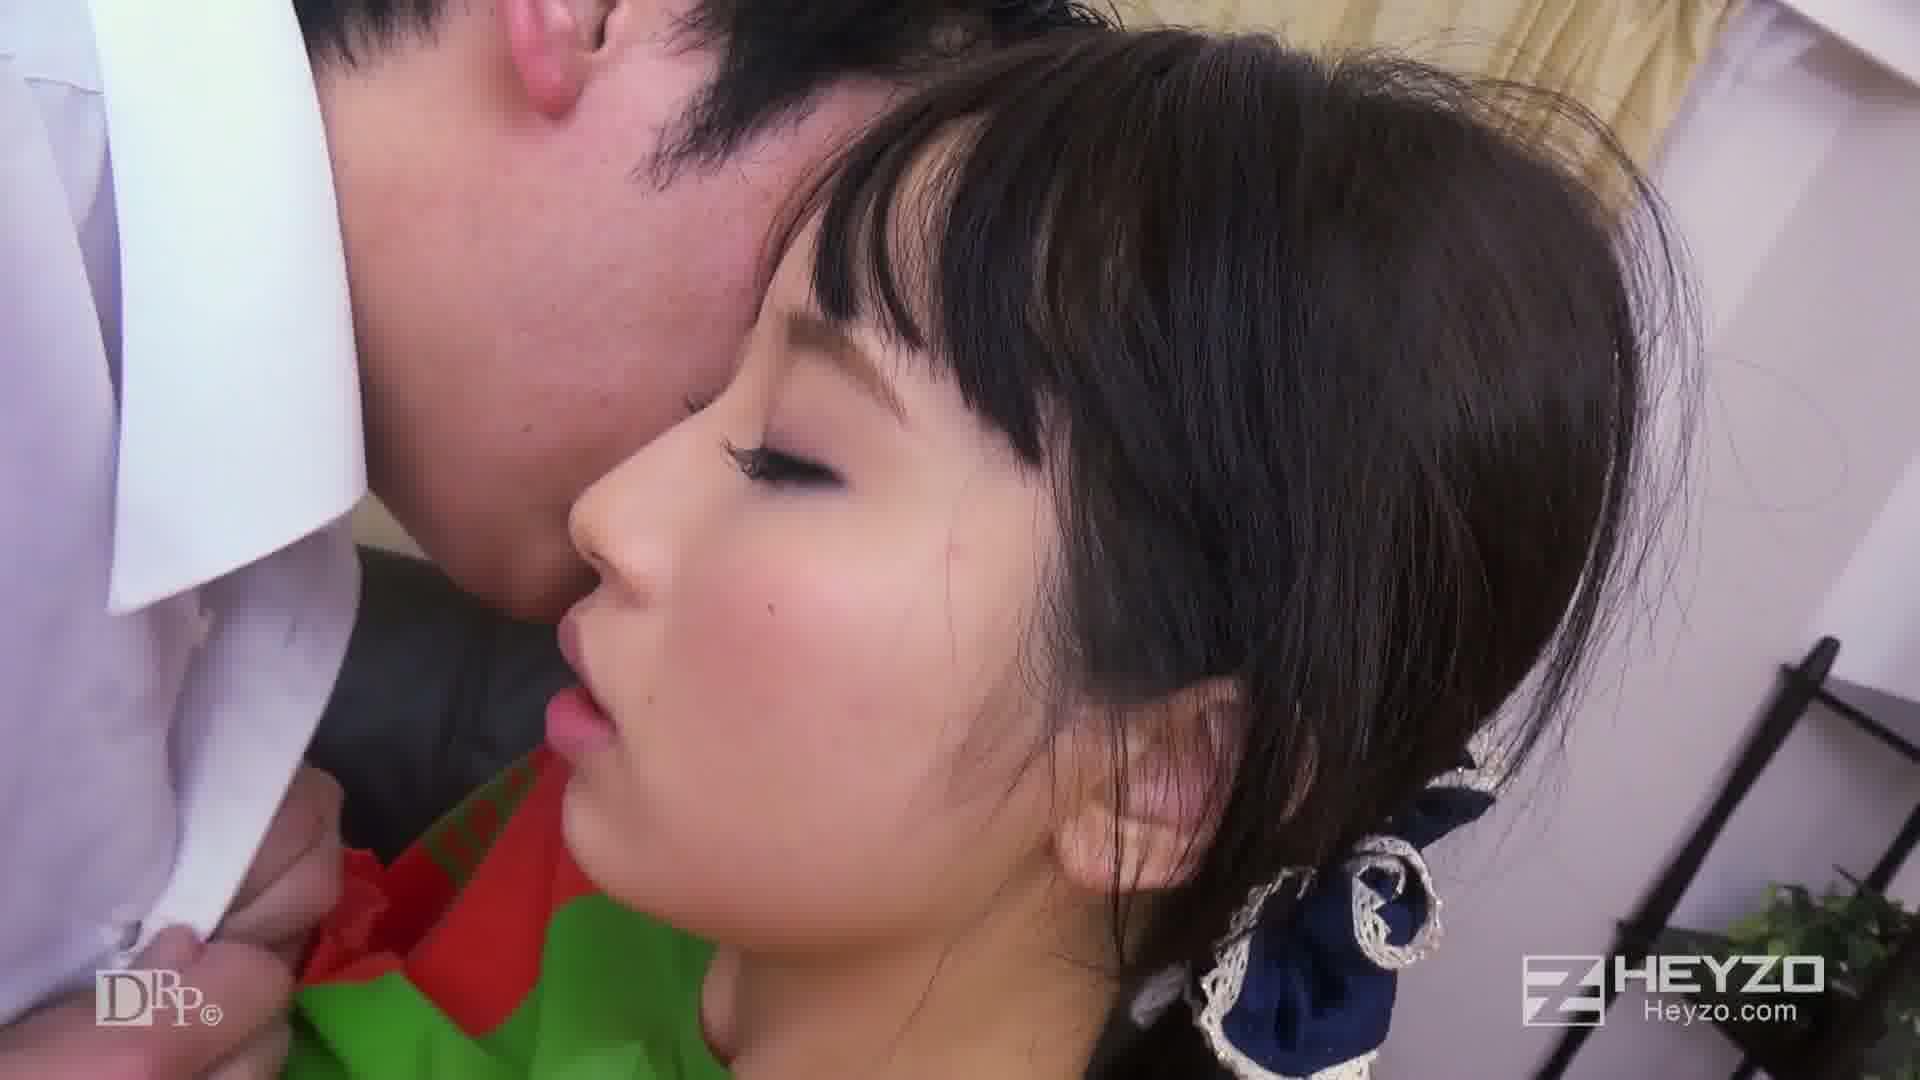 淫らな二人羽織~下の口でニンジンいただきます!~ - 美咲結衣【ニンジン挿入 電マ クンニ フェラ 69】